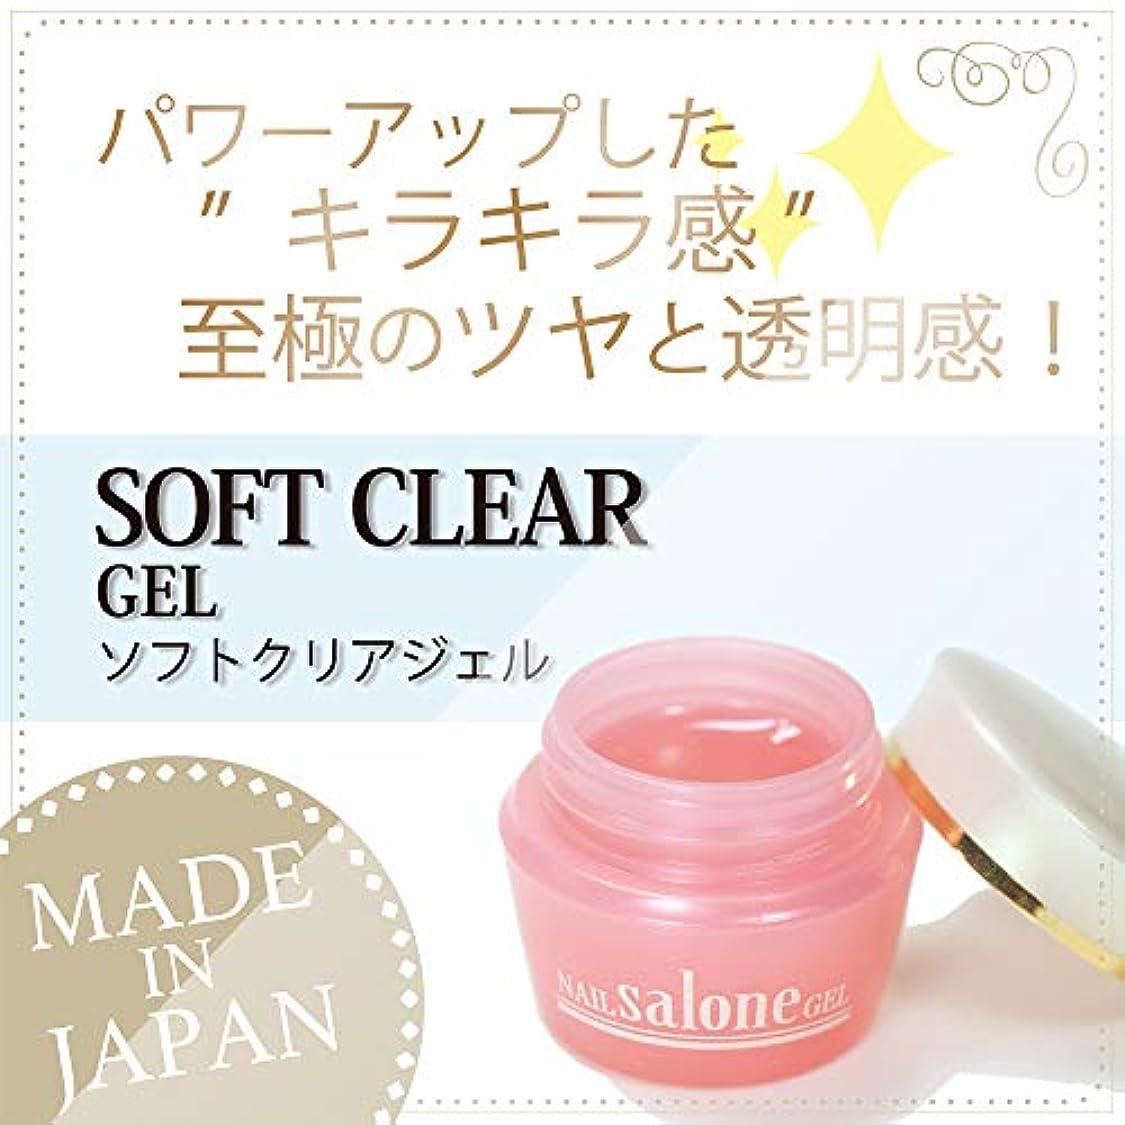 有毒な見積りホイッスルSalone gel サローネ ソフトクリアージェル ツヤツヤ キラキラ感持続 抜群のツヤ 爪に優しい日本製 3g